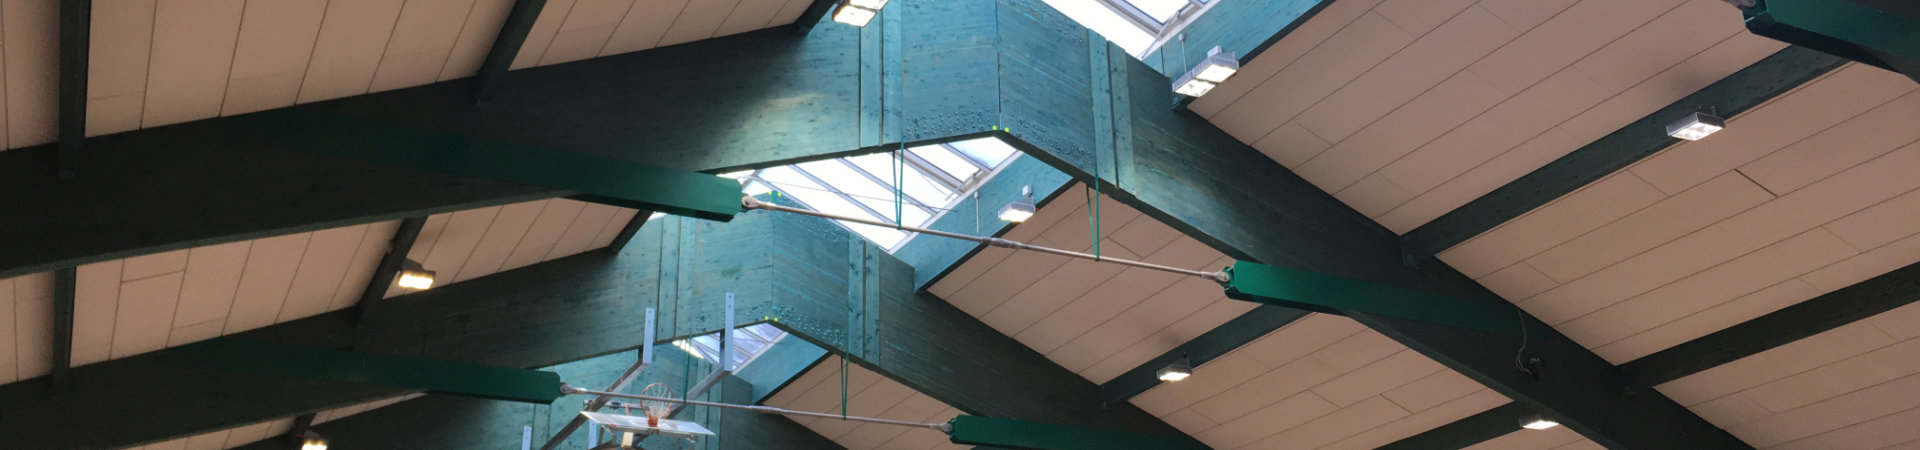 Ingenieurbüro Hammes - Viersen / Mönchengladbach - Sanierung Sporthalle